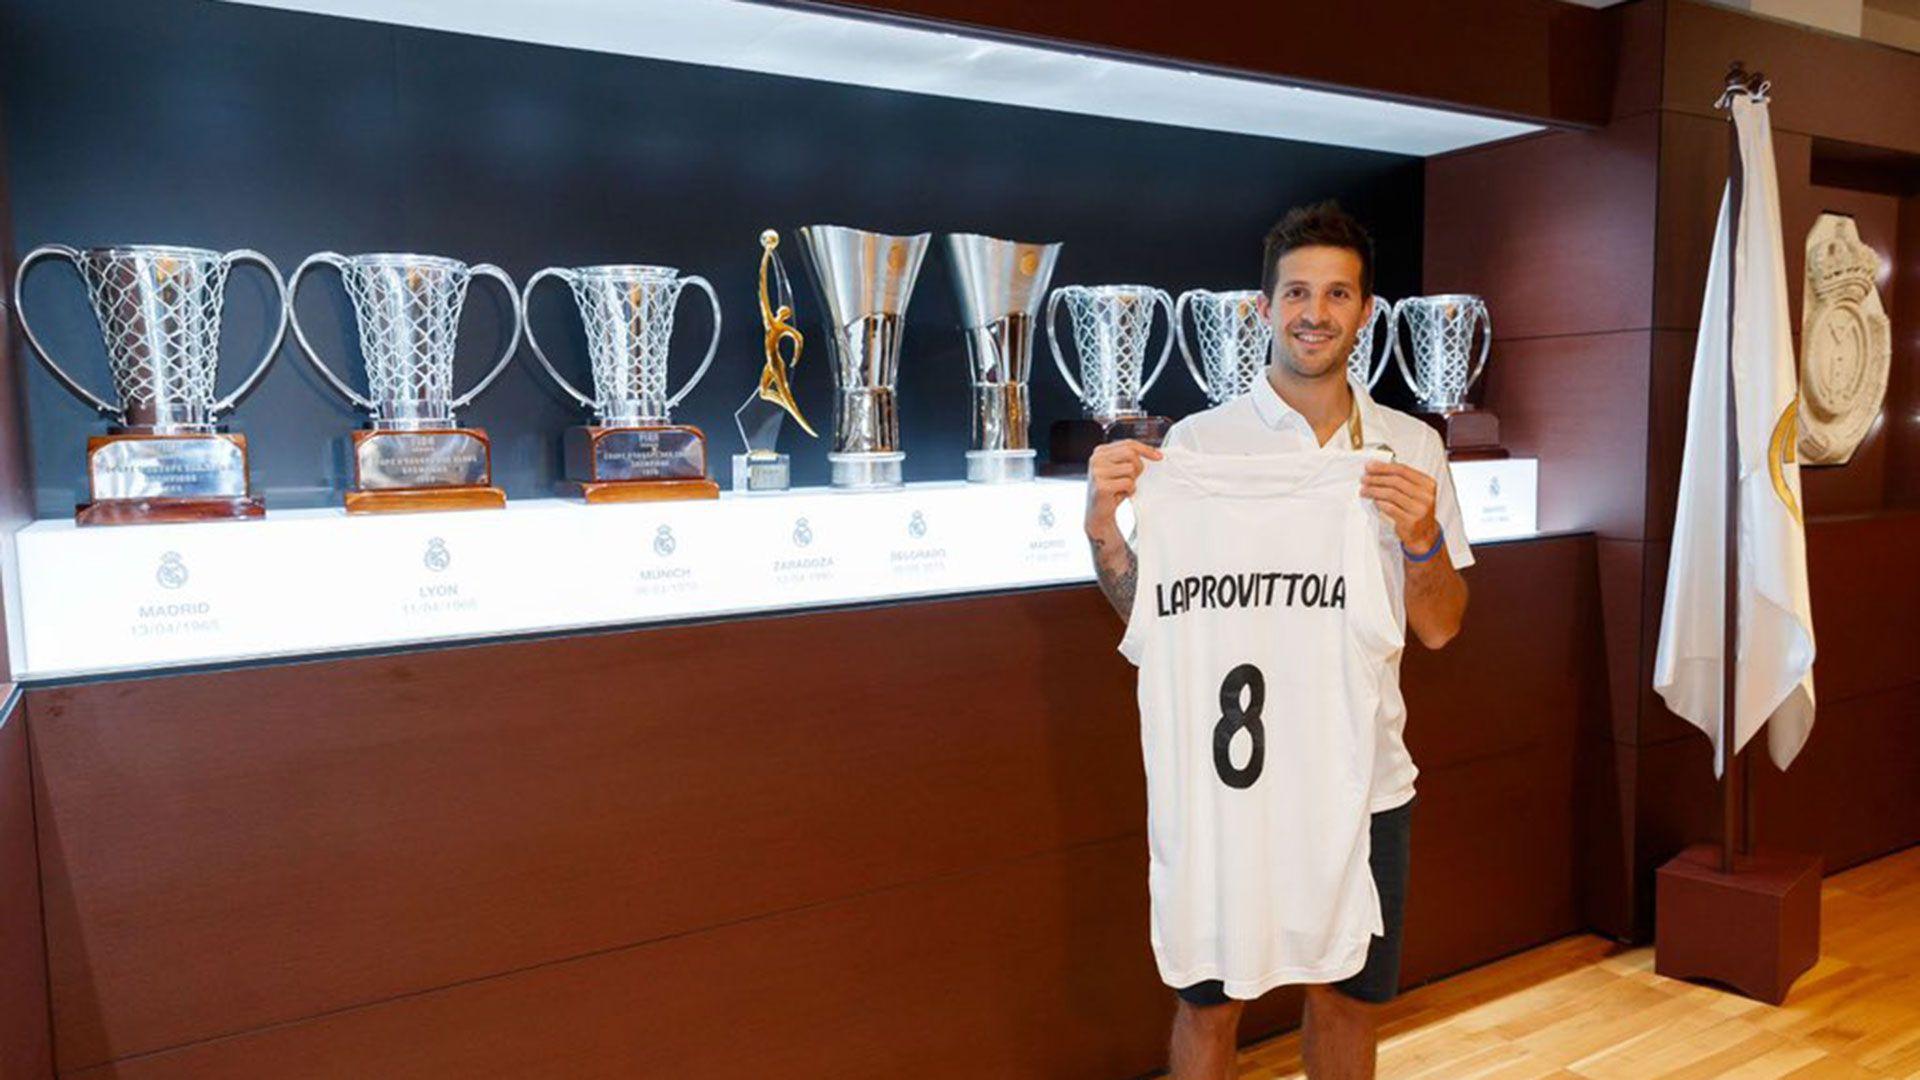 Nicolás Lprovittola, nuevo jugador del Real Madrid, el campeón del básquet español (@RealMadrid)